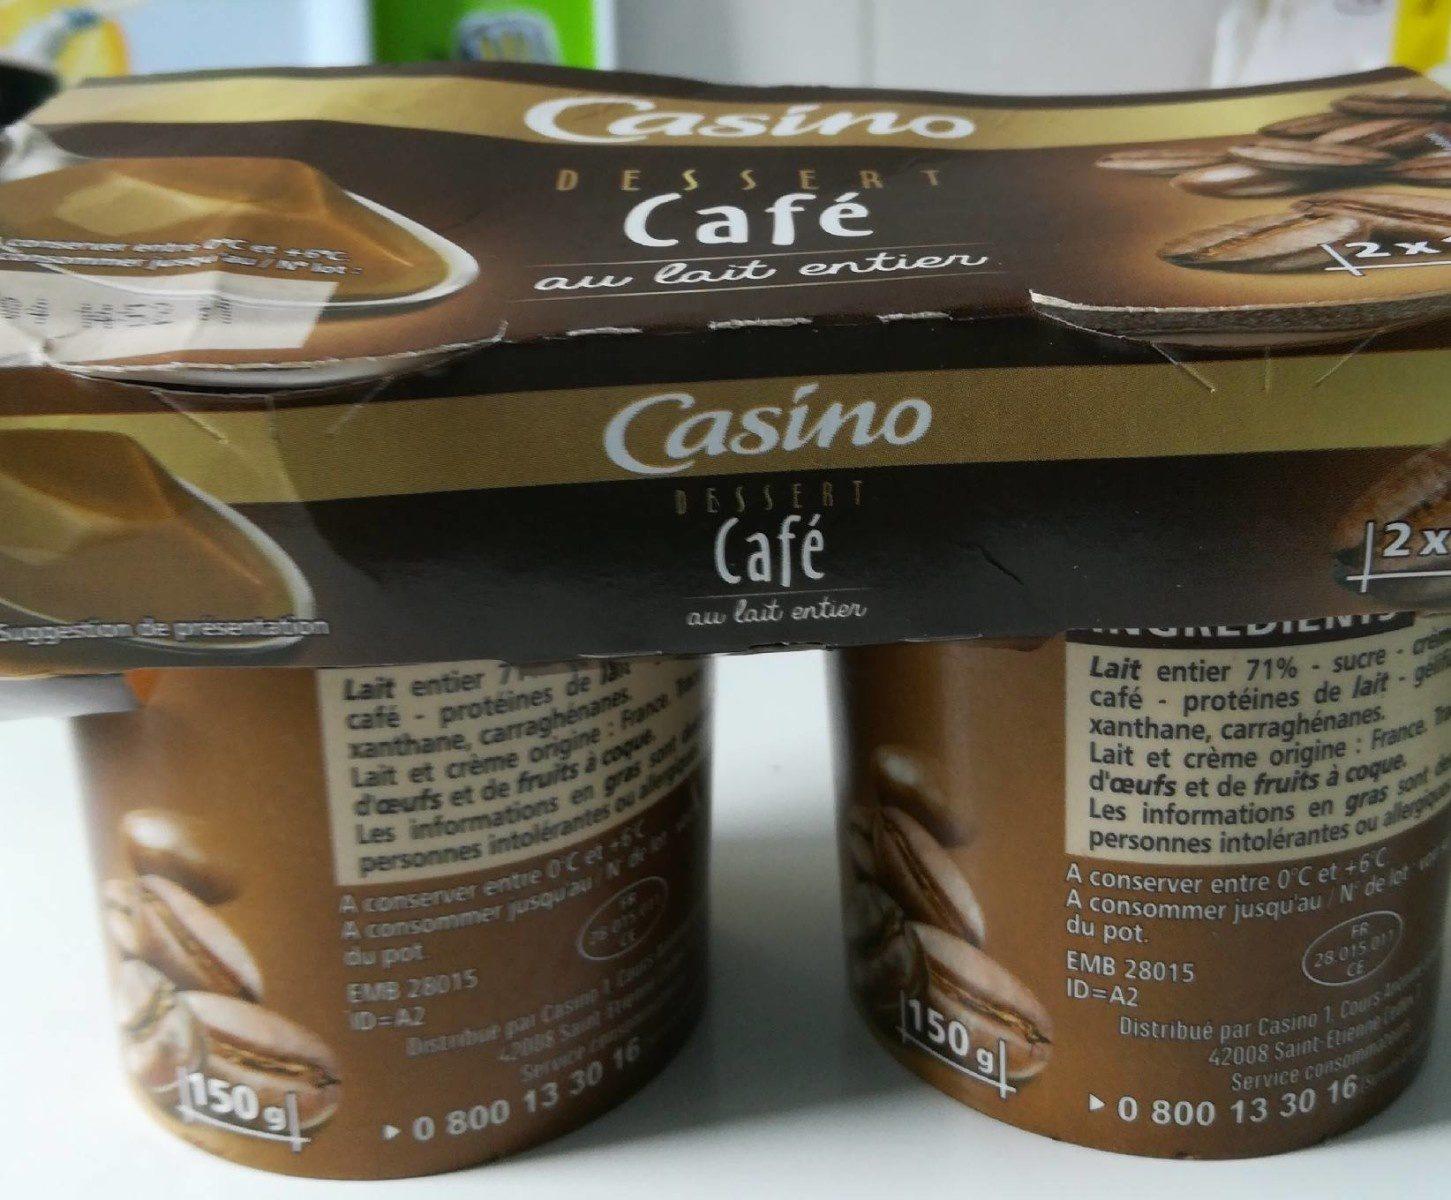 Dessert café au lait entier - Produit - fr